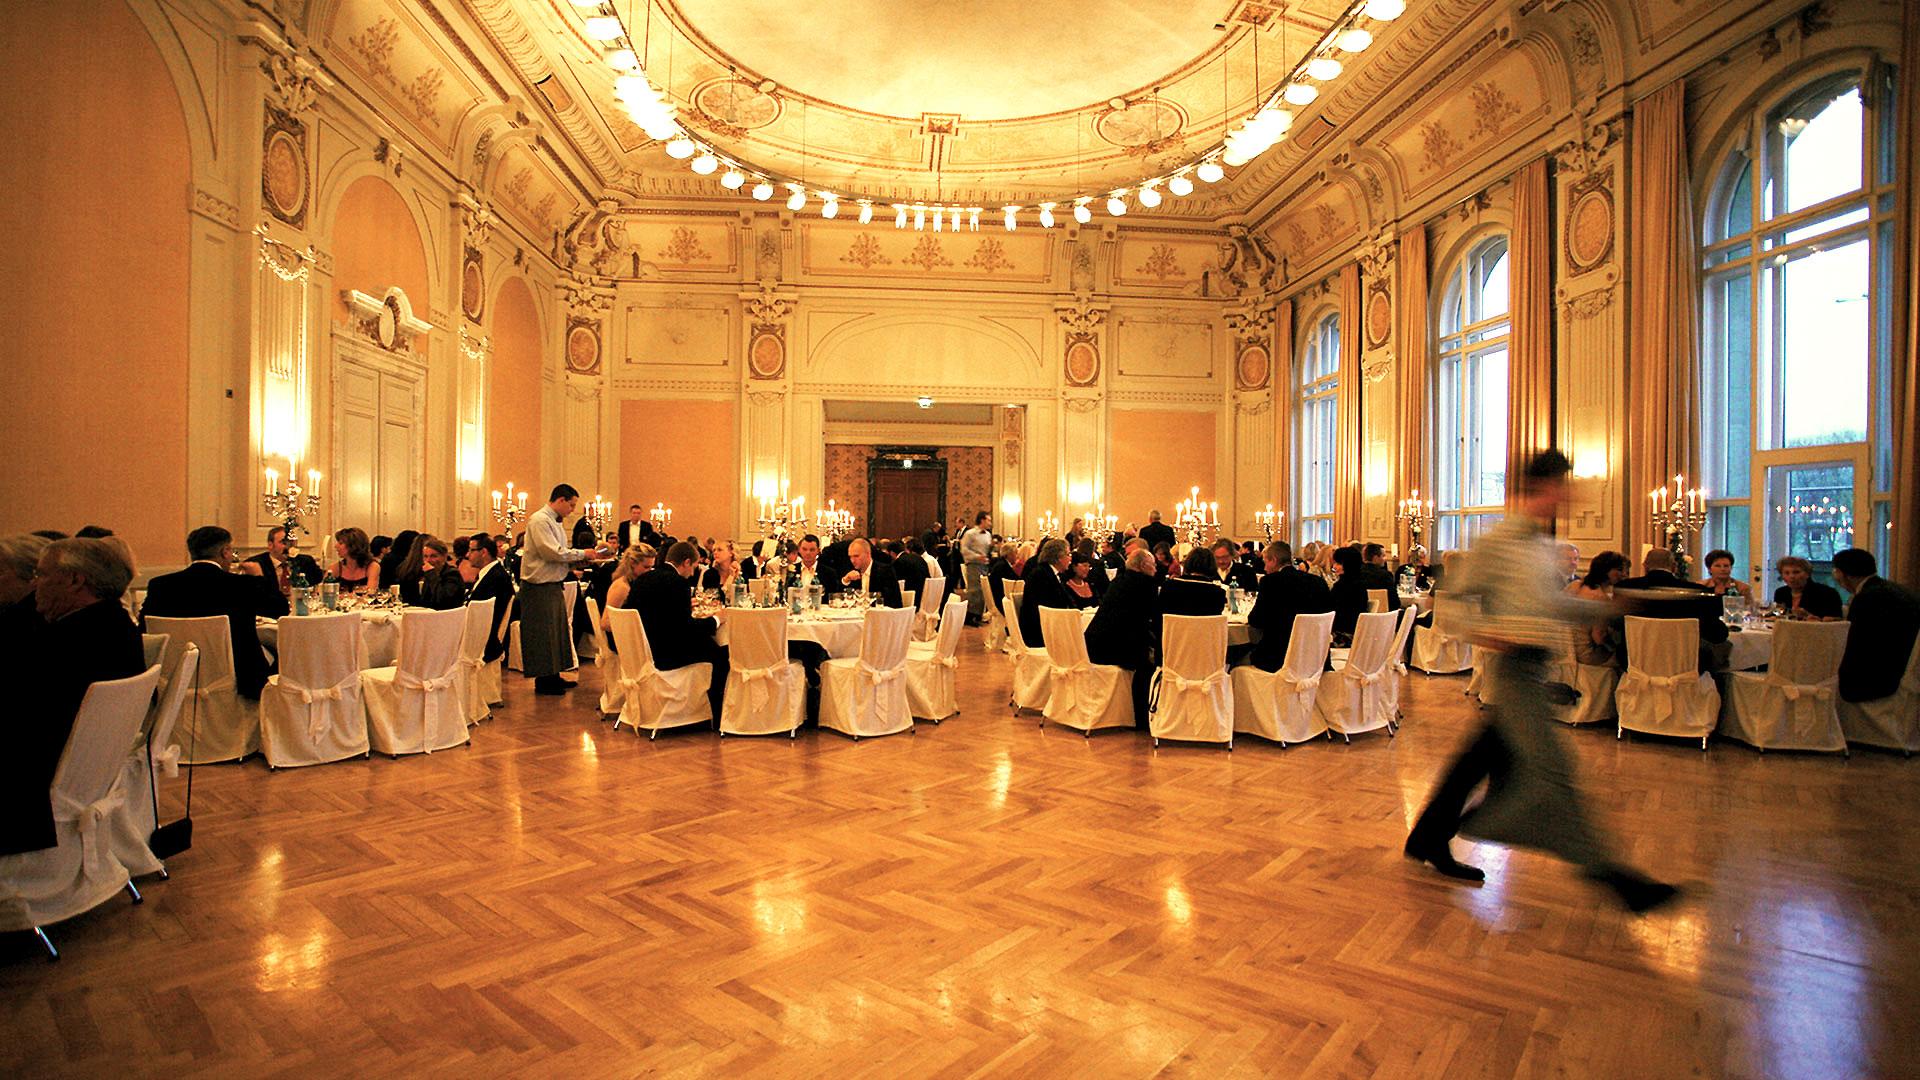 Historische Stadthalle Wuppertal  Hochzeit  fiylo